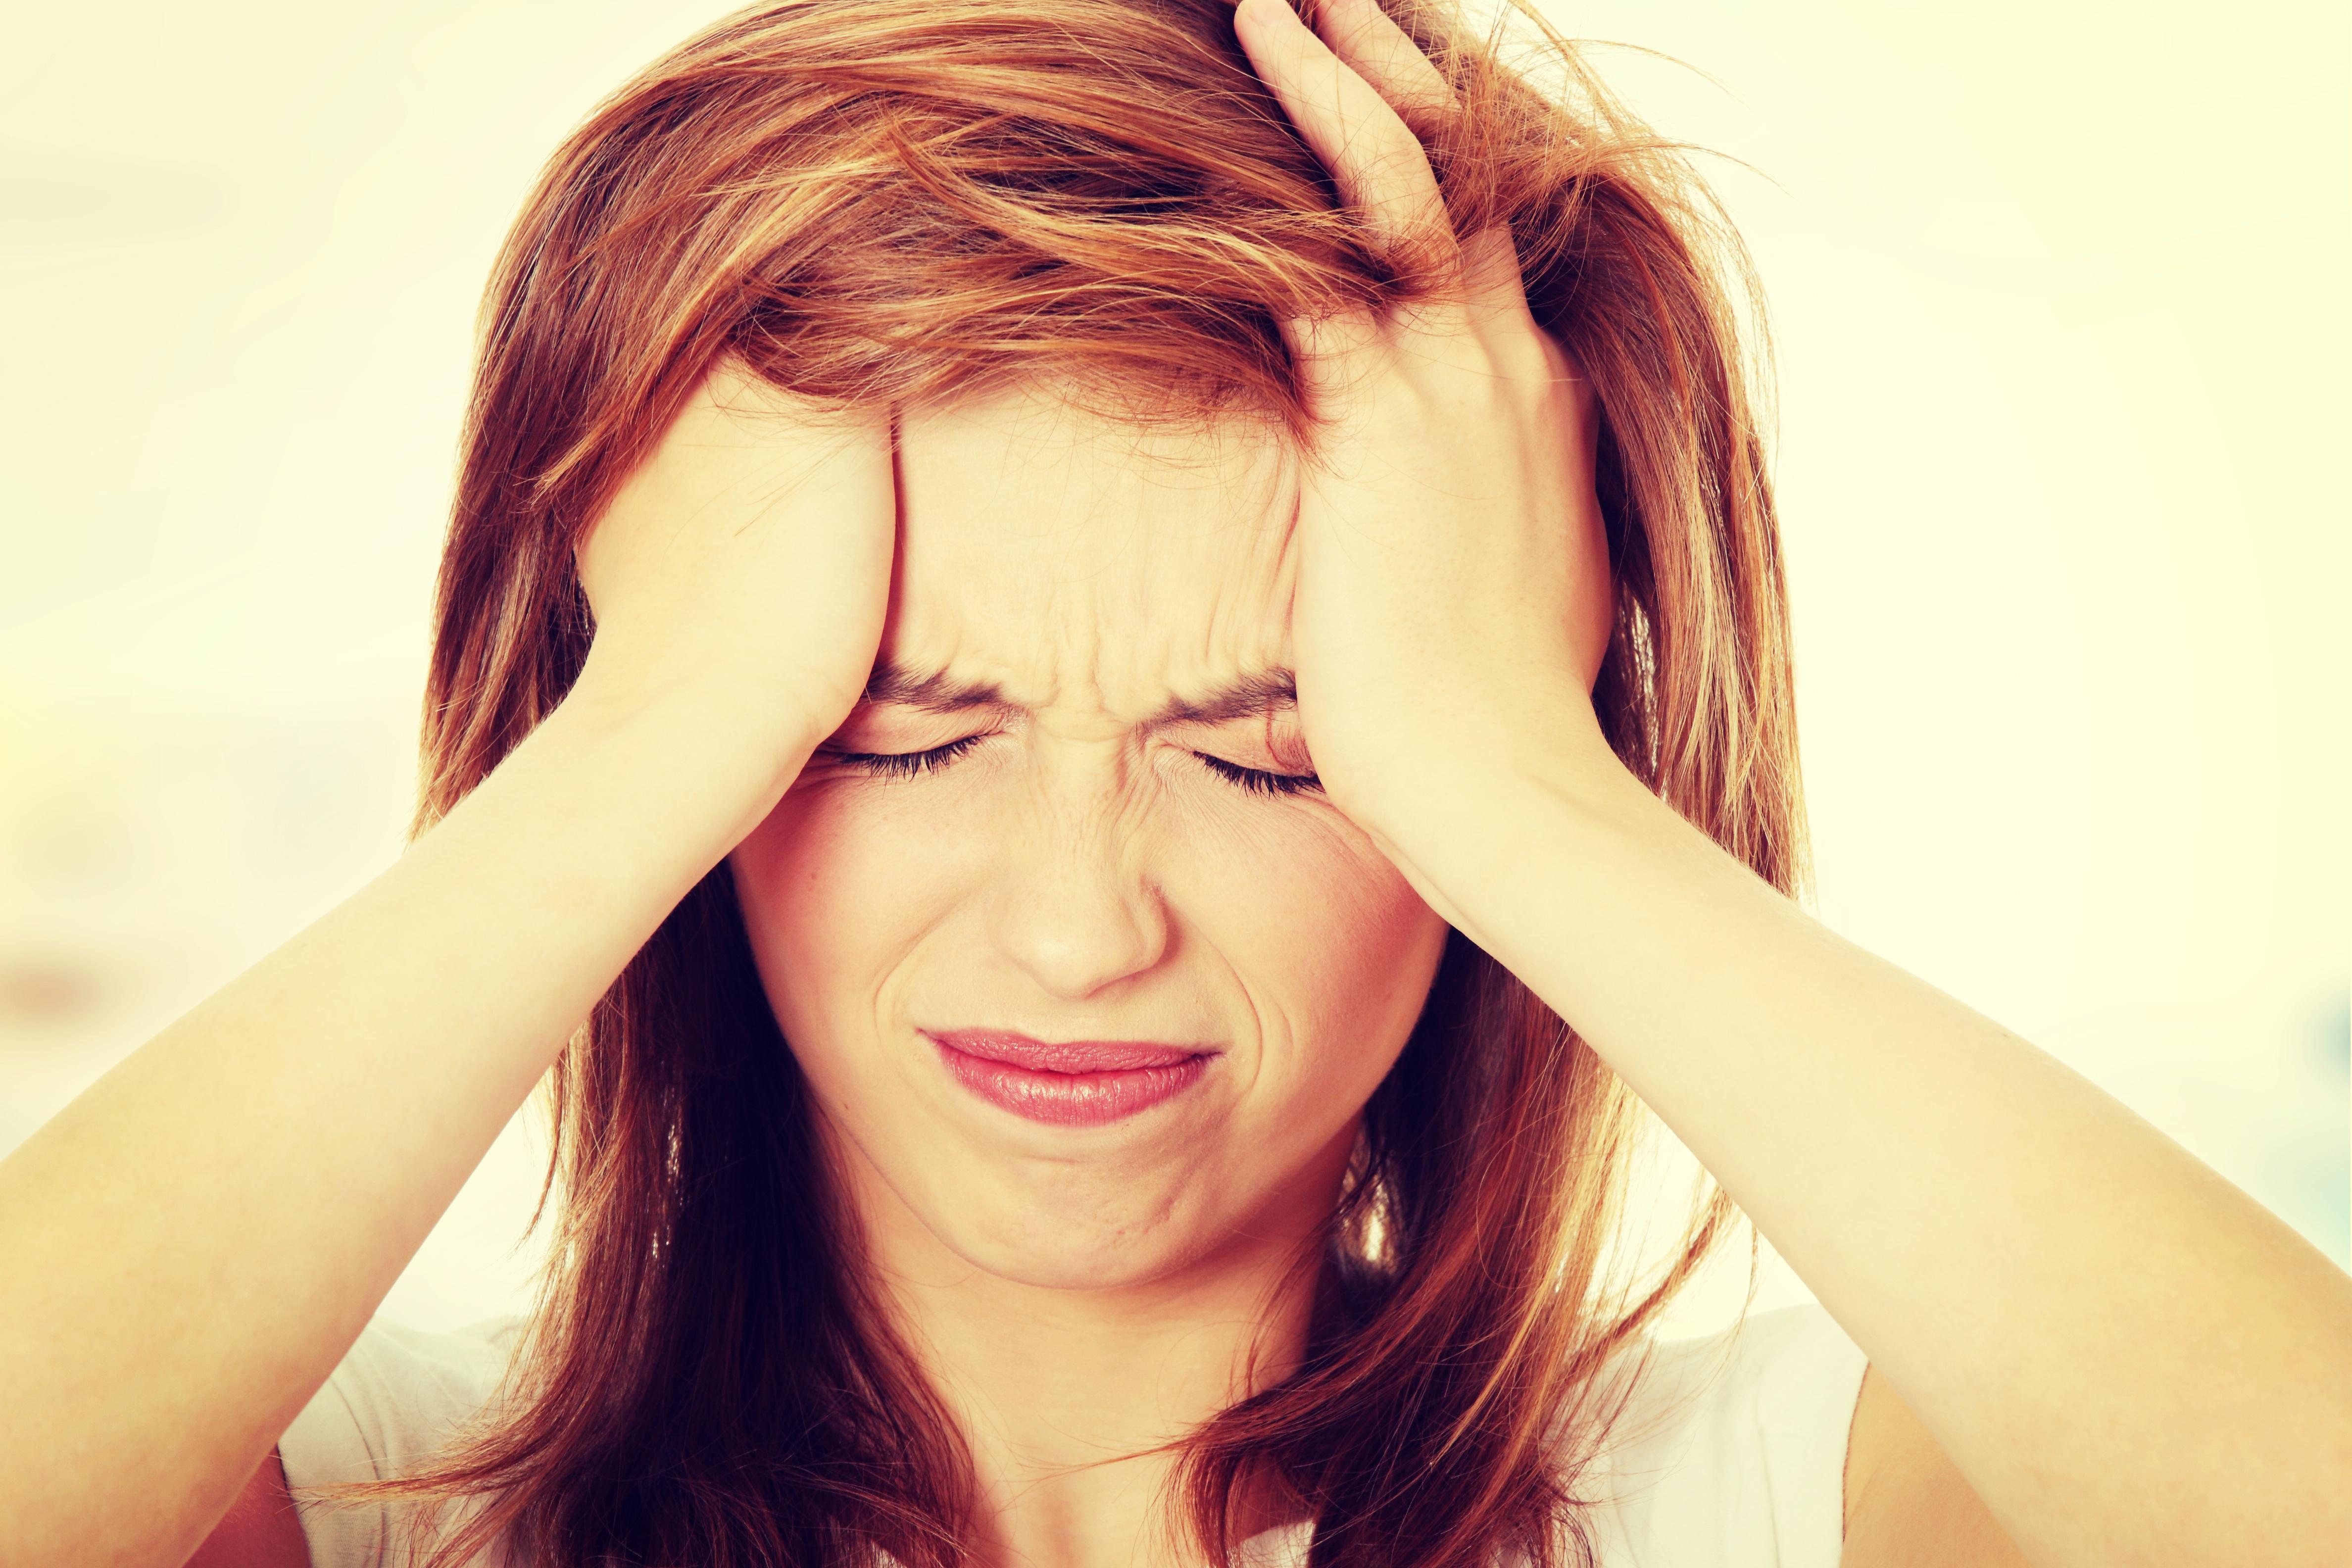 wat te doen tegen hoofdpijn en misselijkheid